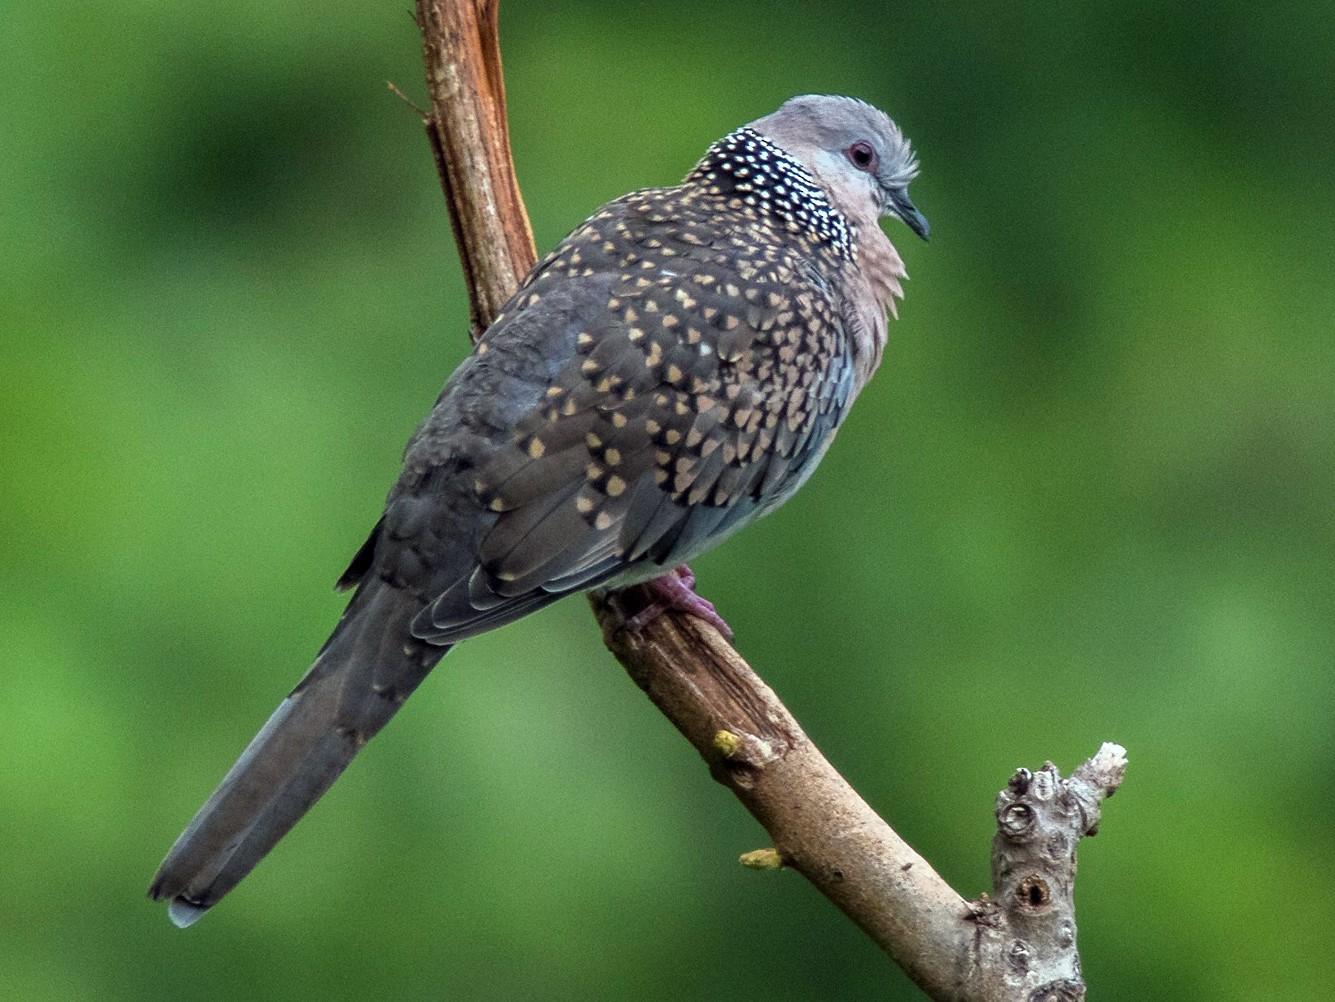 Spotted Dove - Phani krishna Ravi